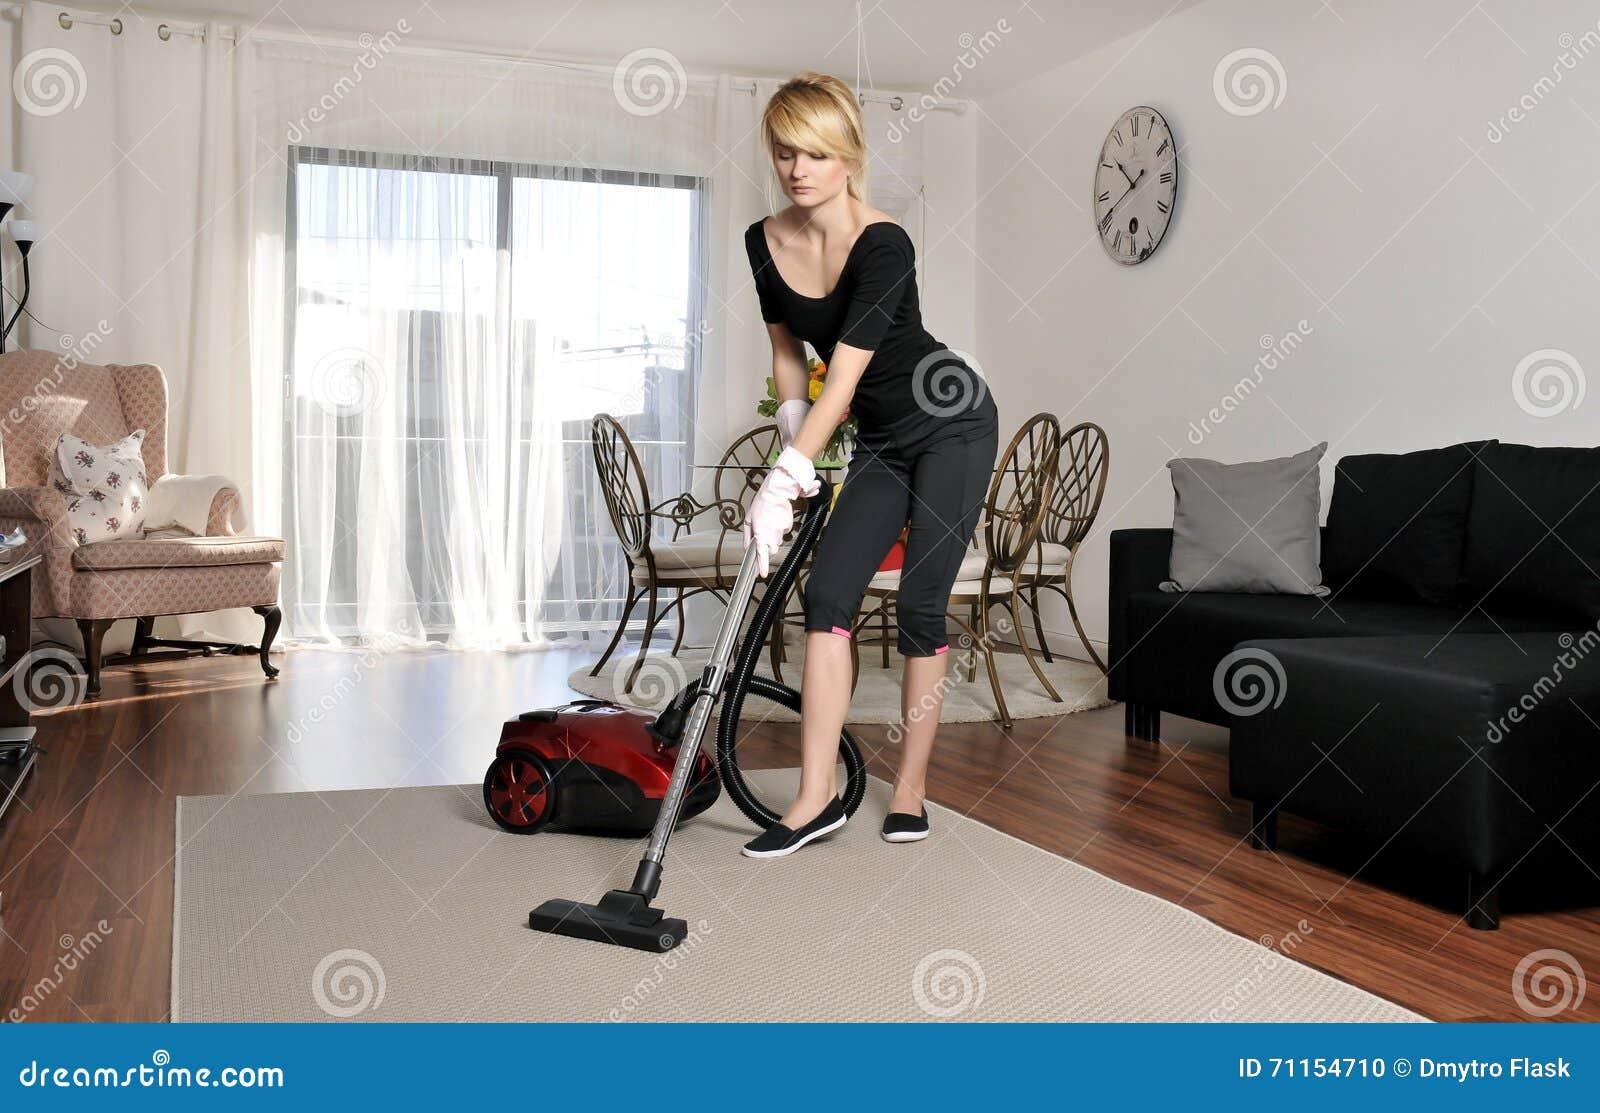 Woman Vacuuming At House Vector Illustration